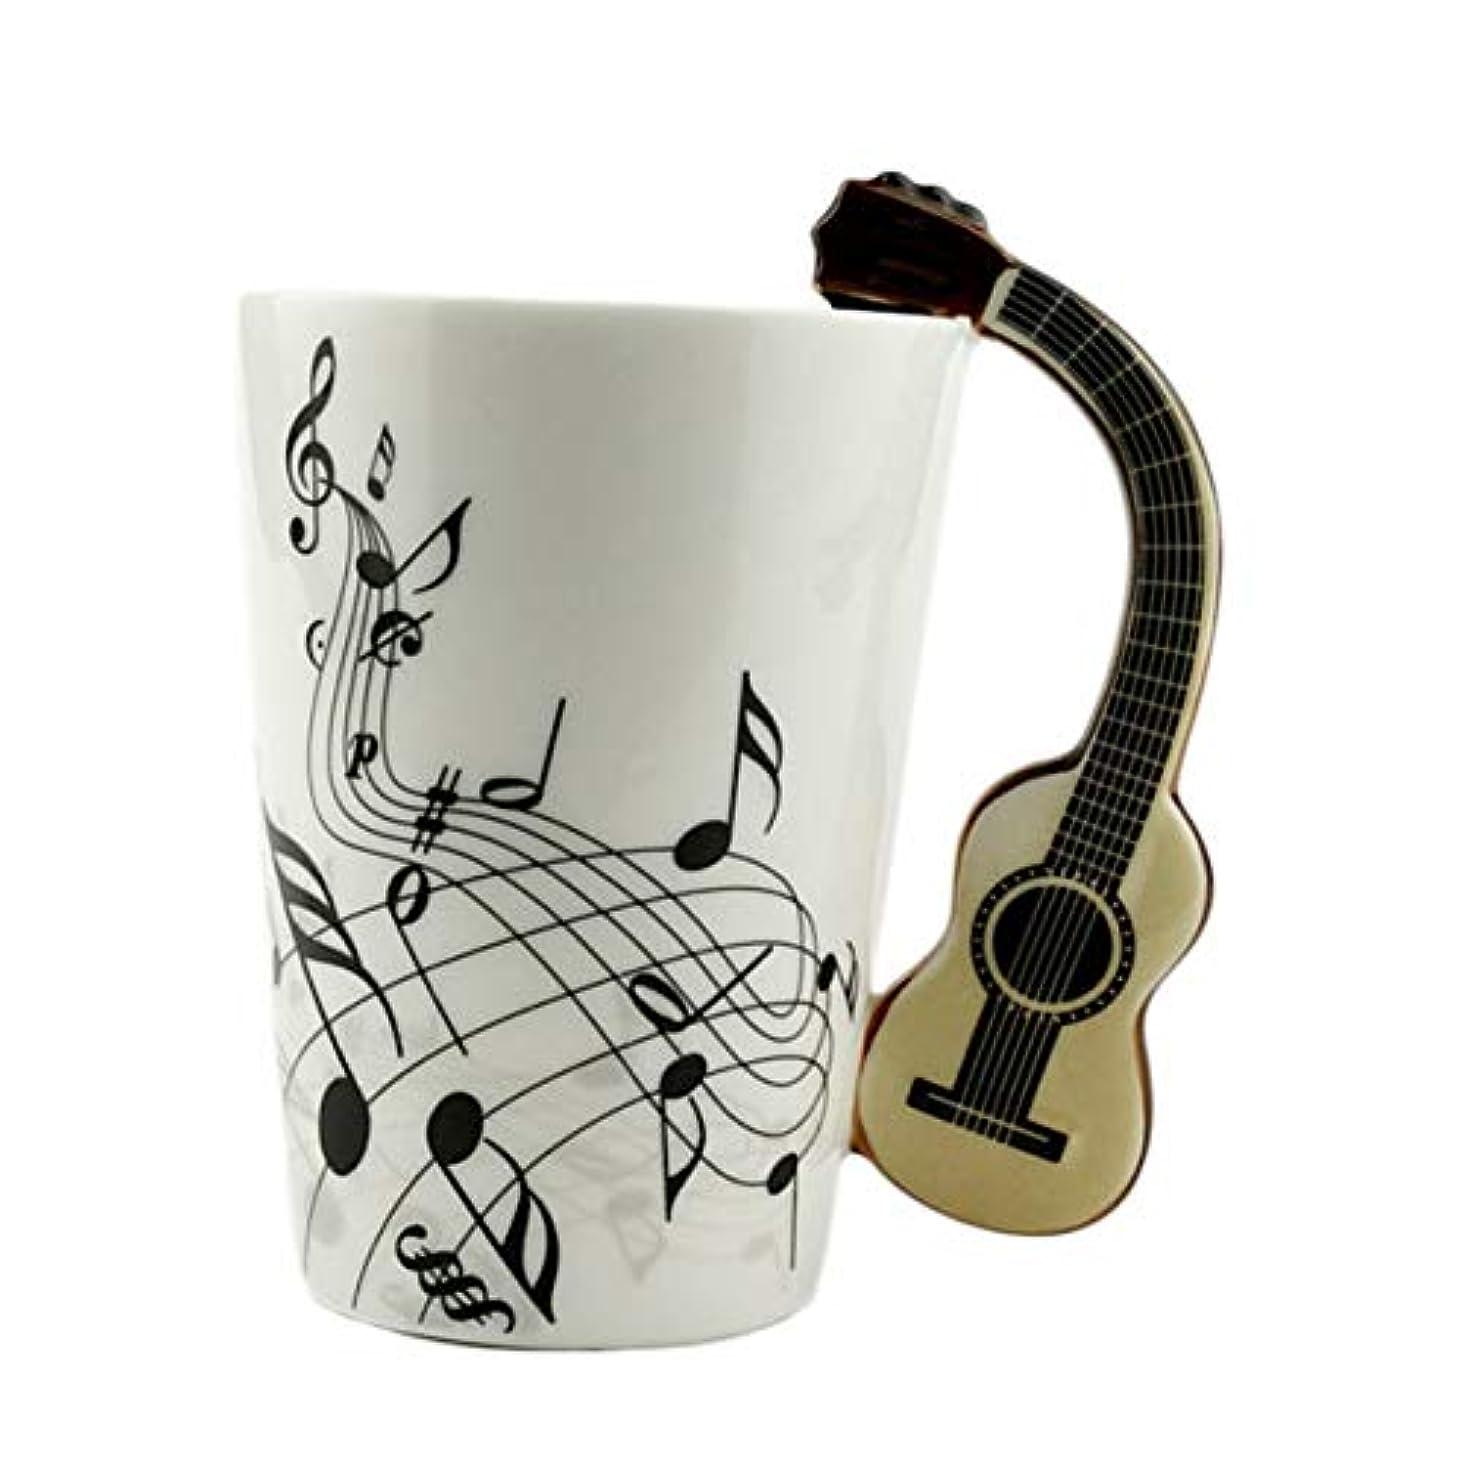 礼儀サラミポケットSaikogoods ノベルティアートセラミックマグカップ楽器は スタイルのコーヒーミルクカップクリスマスギフトホームオフィスカップ グラスに注意してください。 ホワイトボディギター